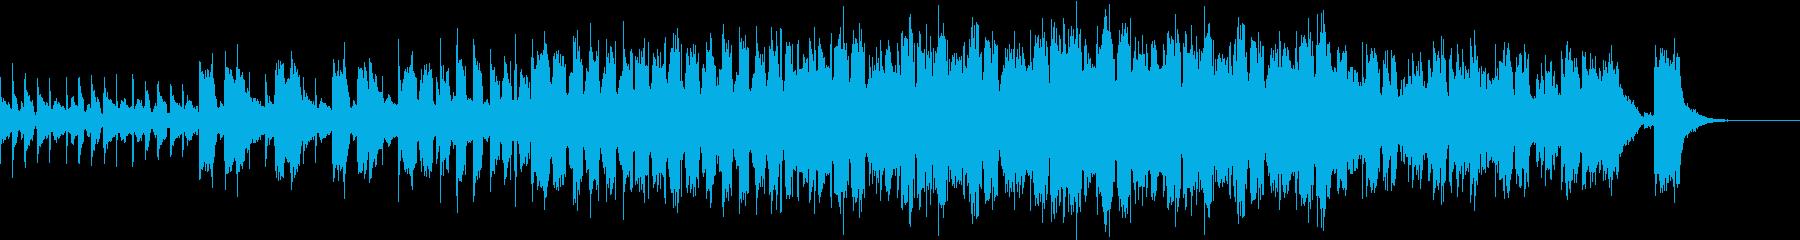 ちょっと懐かしいDisco調の曲の再生済みの波形